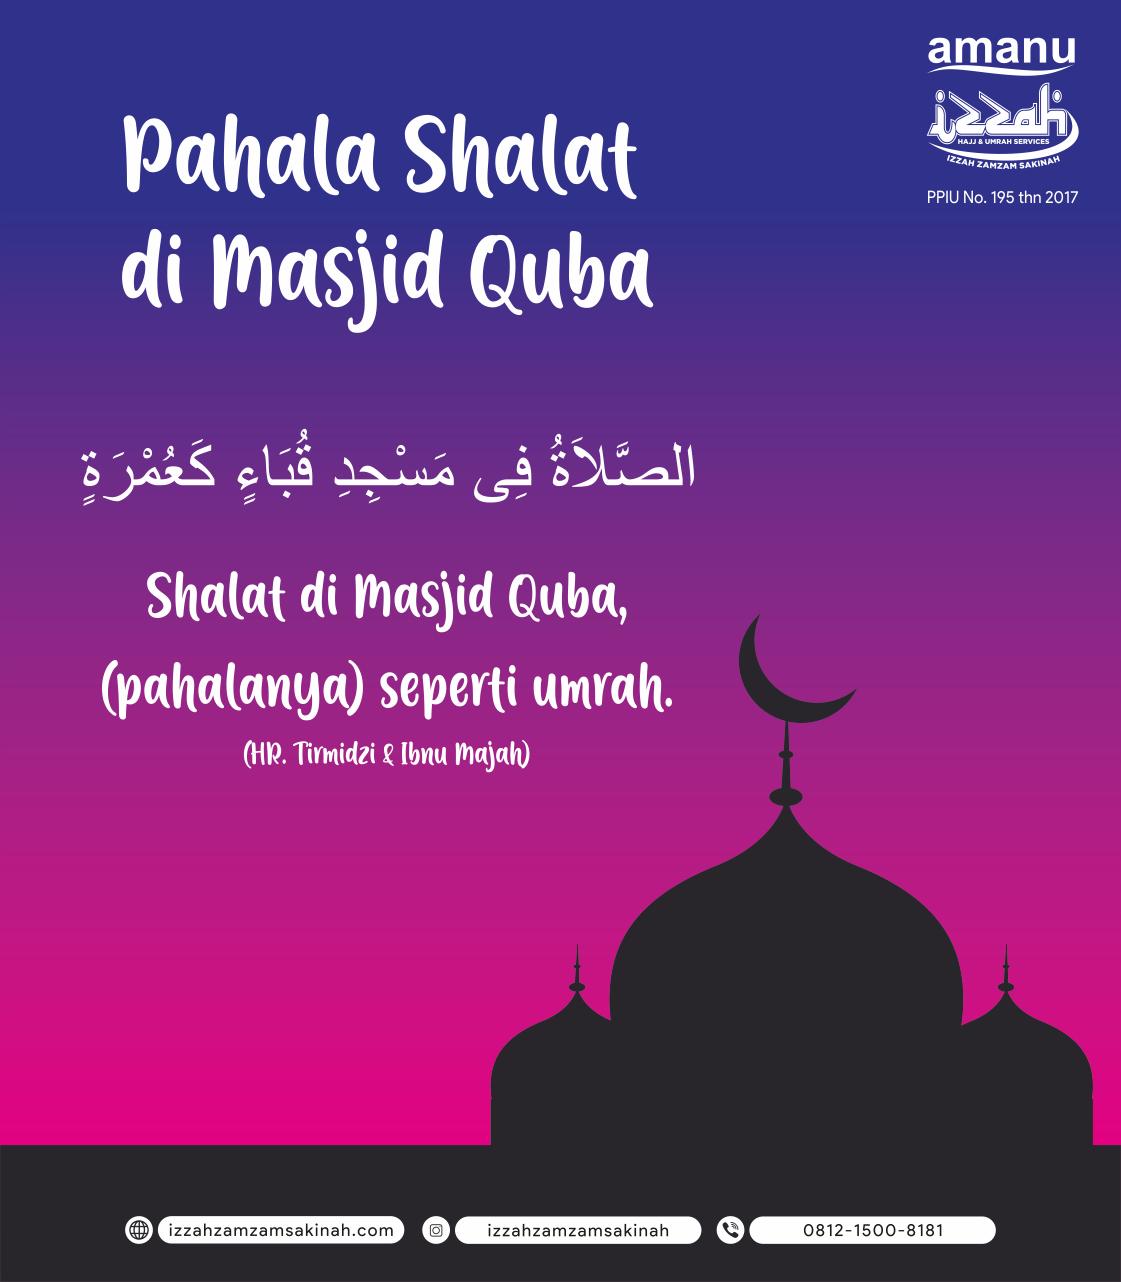 Keutamaan Shalat di Masjid Quba